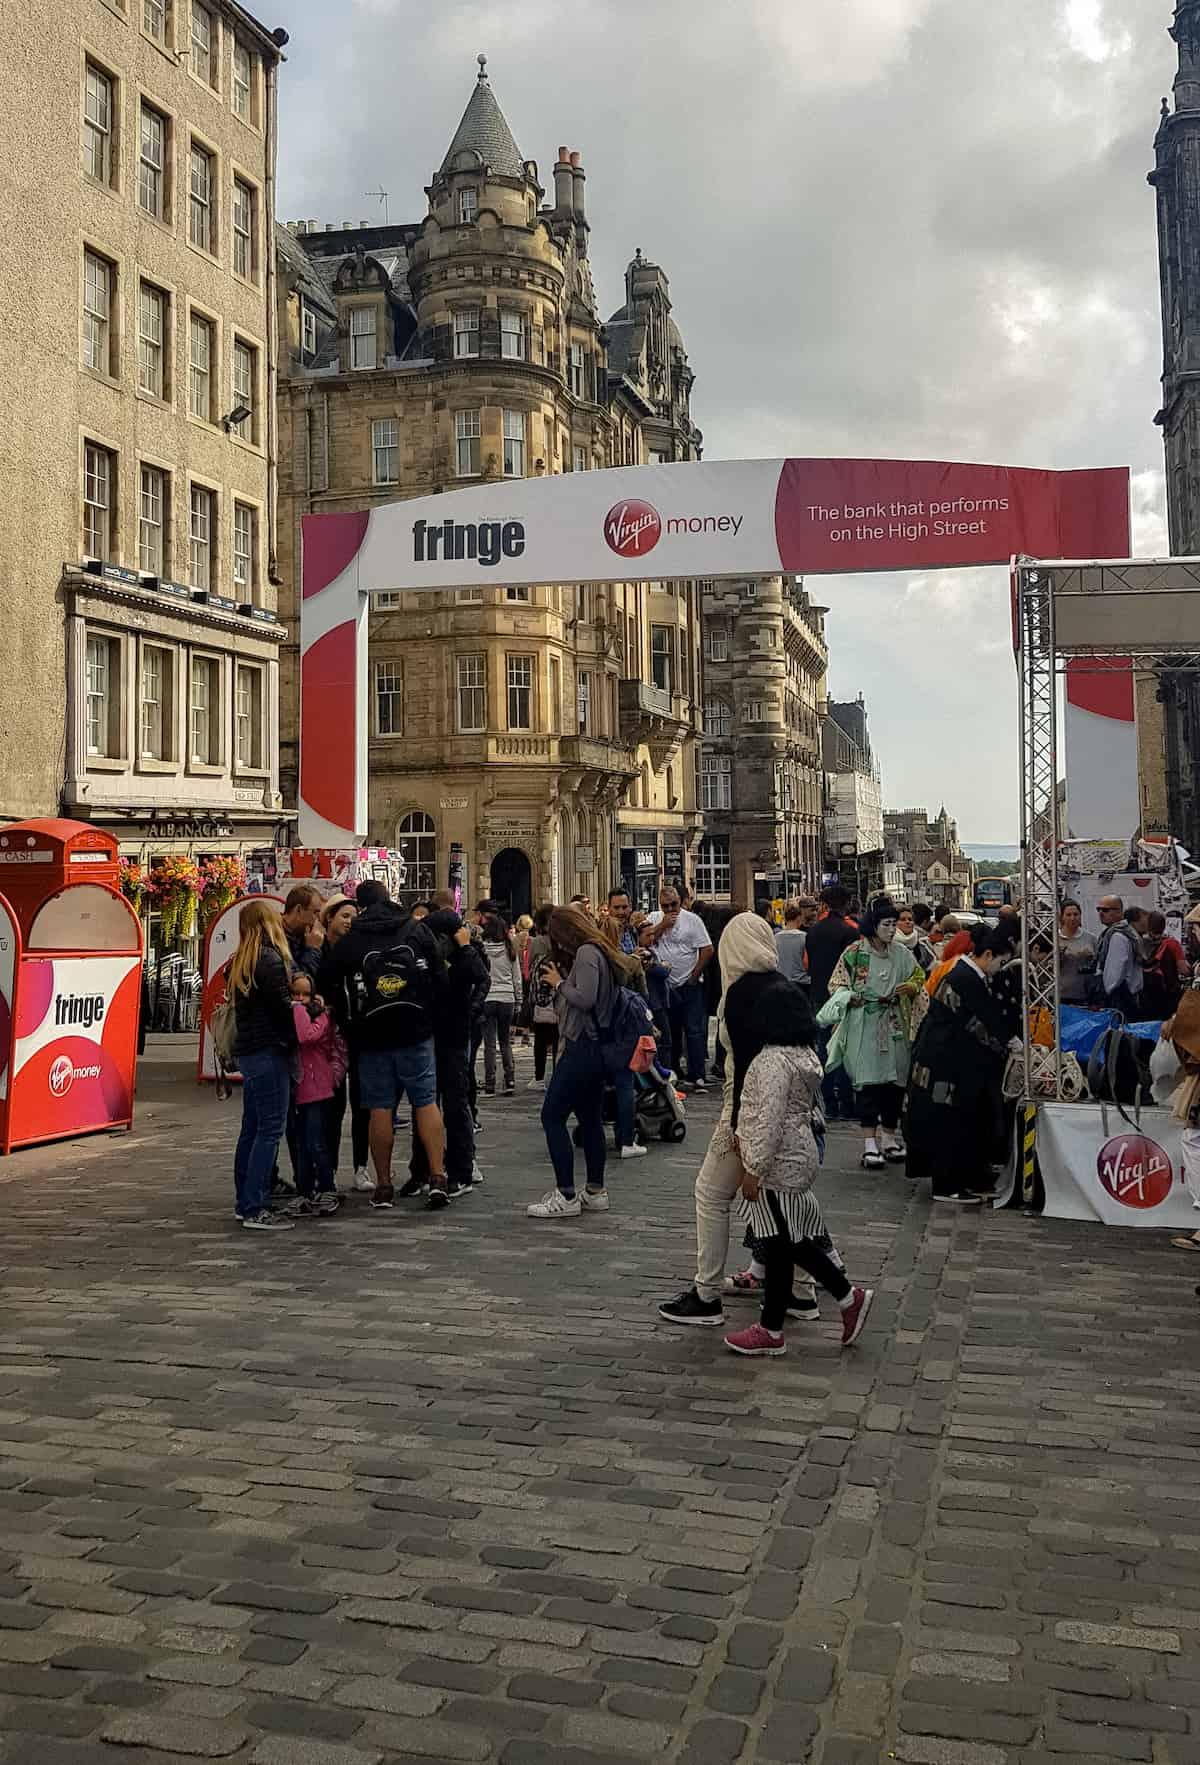 Streets of Edinburgh during fringe festival